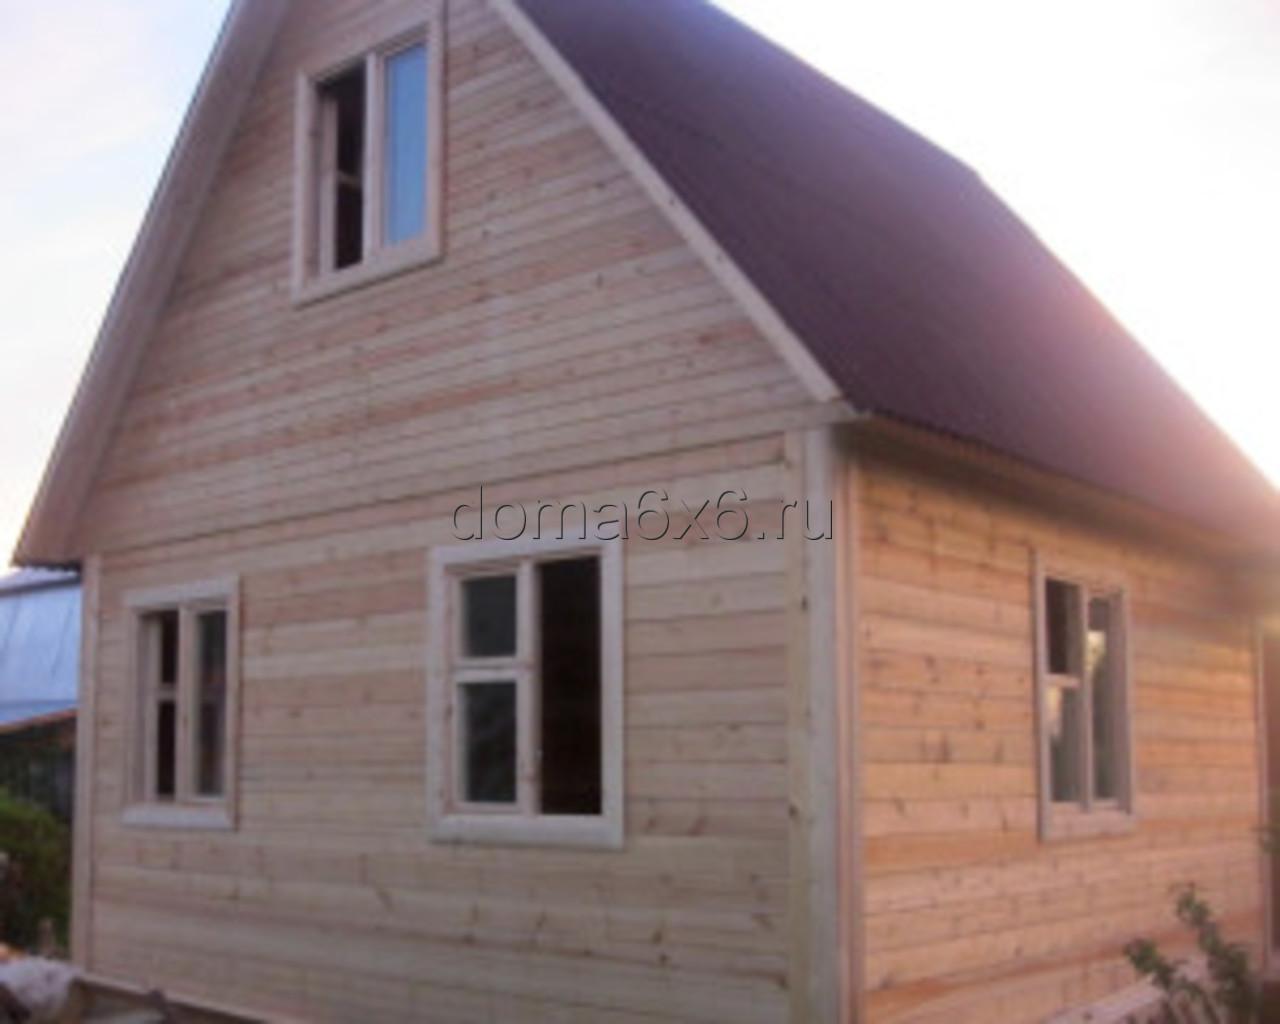 Строительство дома из бруса в Туле - 5